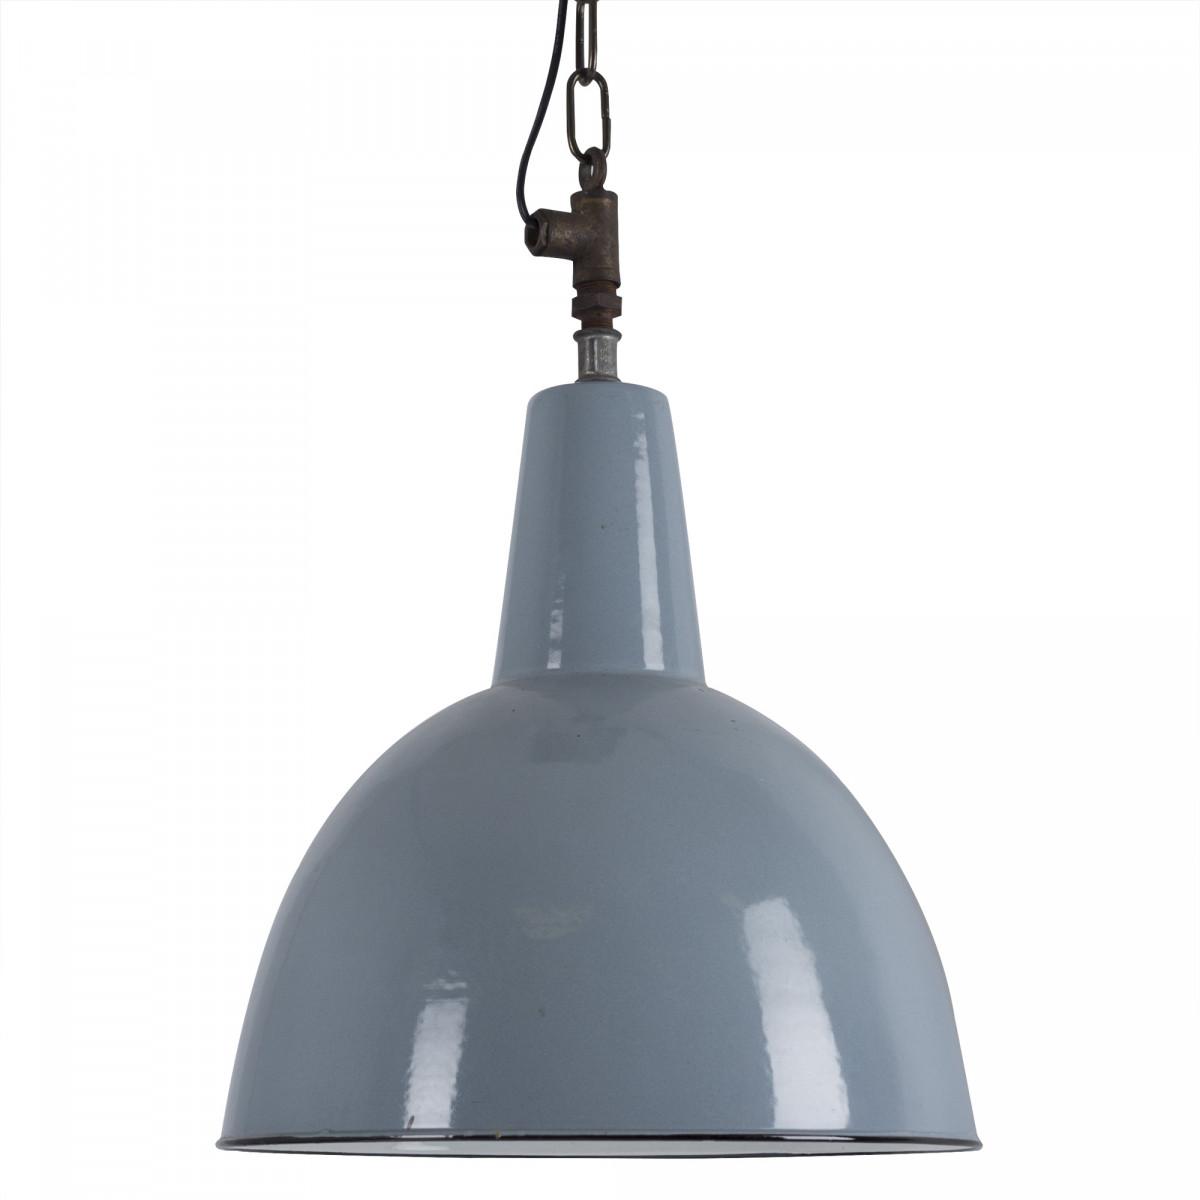 fabriekslamp-echt-1-1200x1200